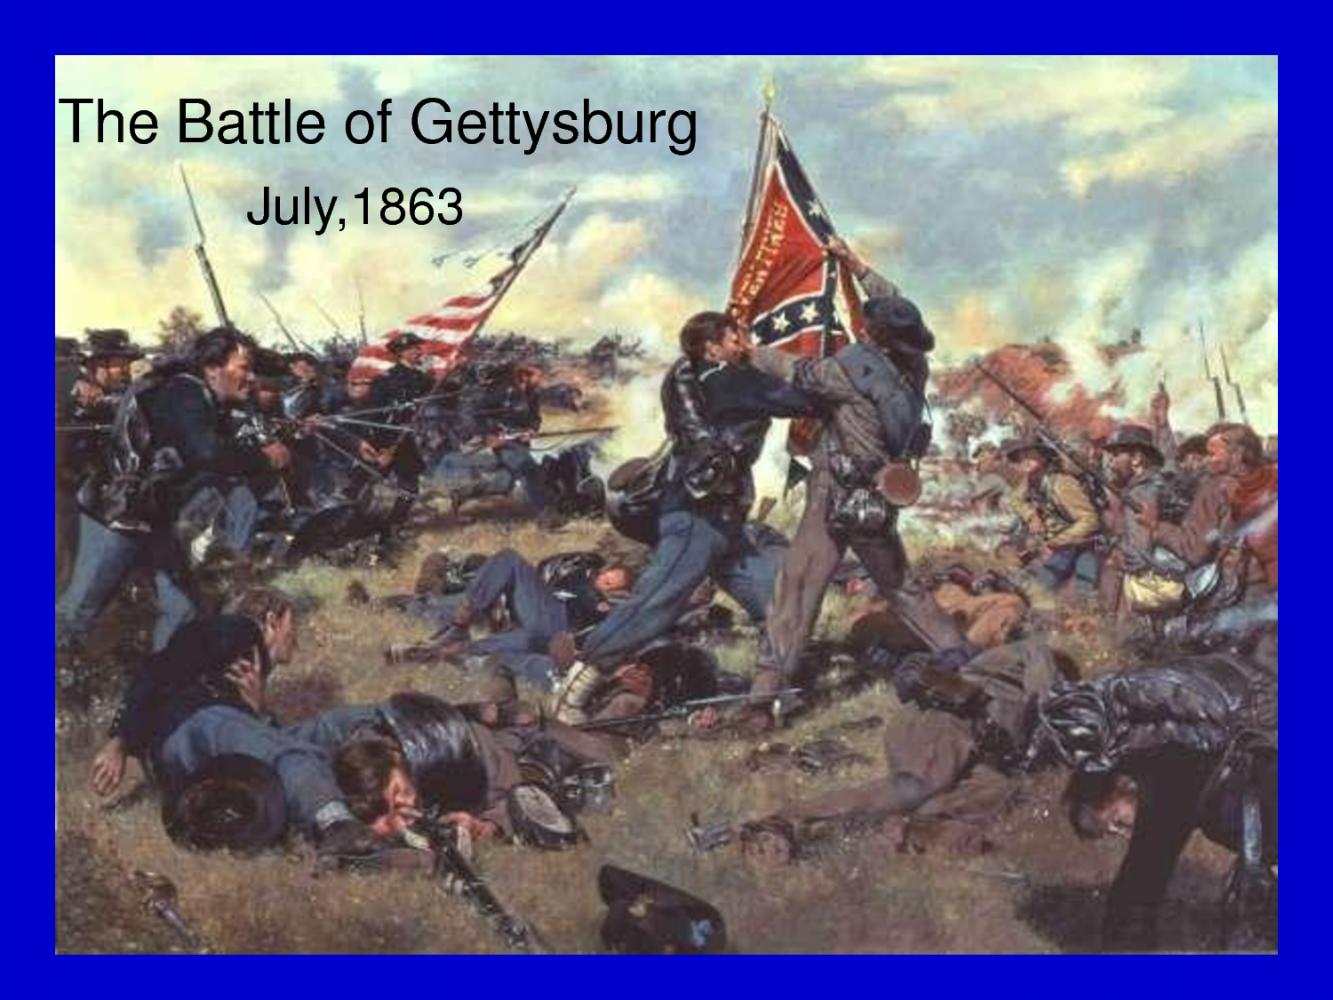 Battle+of+Gettysburg+July+1863